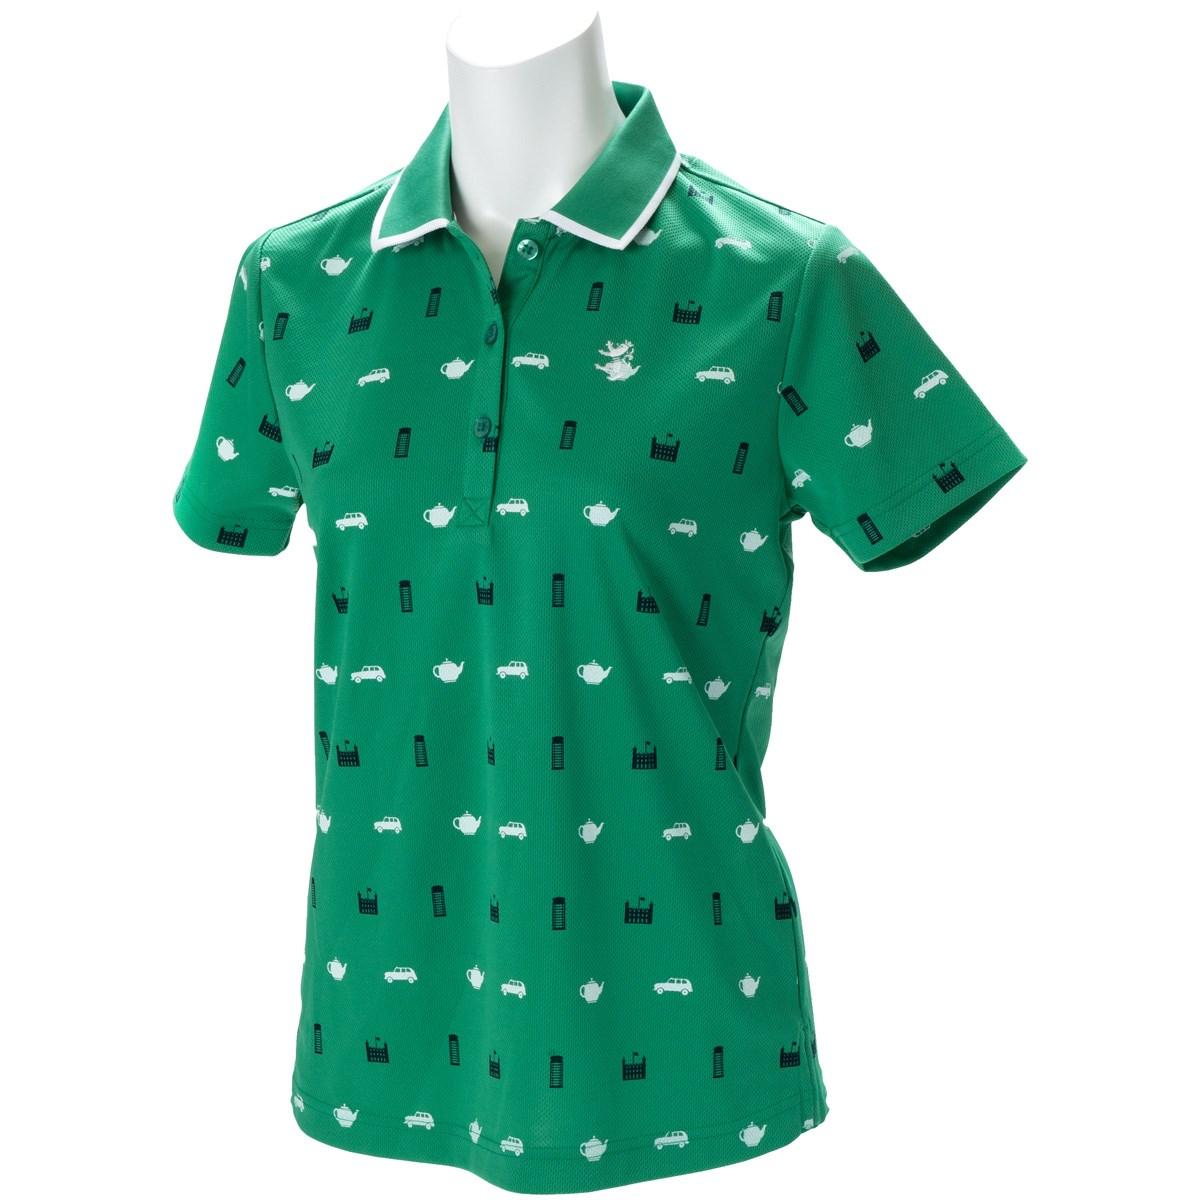 アドミラル Admiral 総柄アイコン 半袖ポロシャツ S グリーン 60 レディス